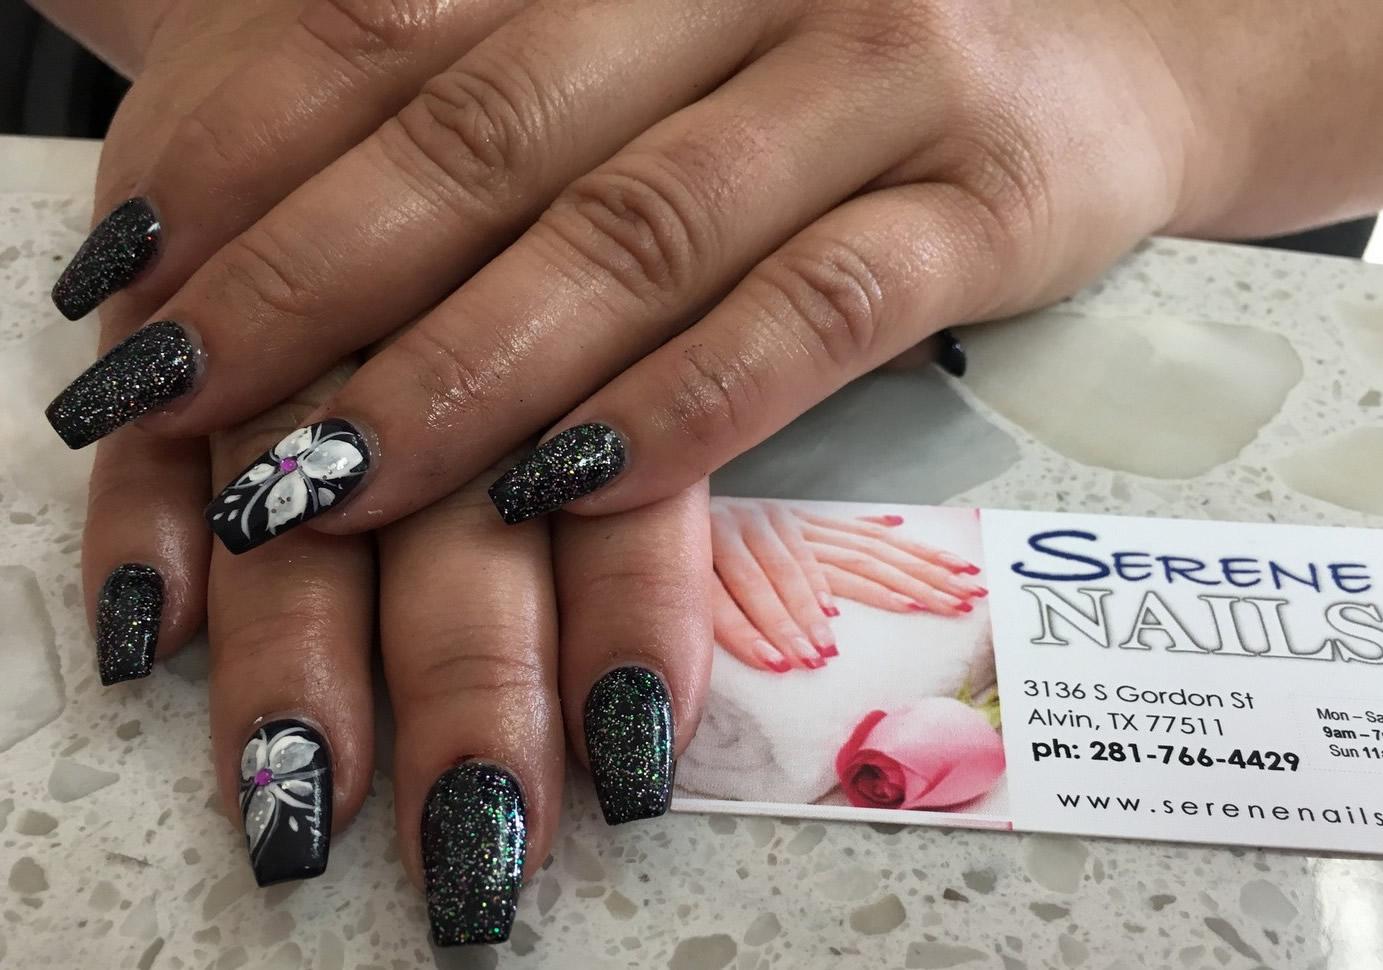 Serene Nails image 72